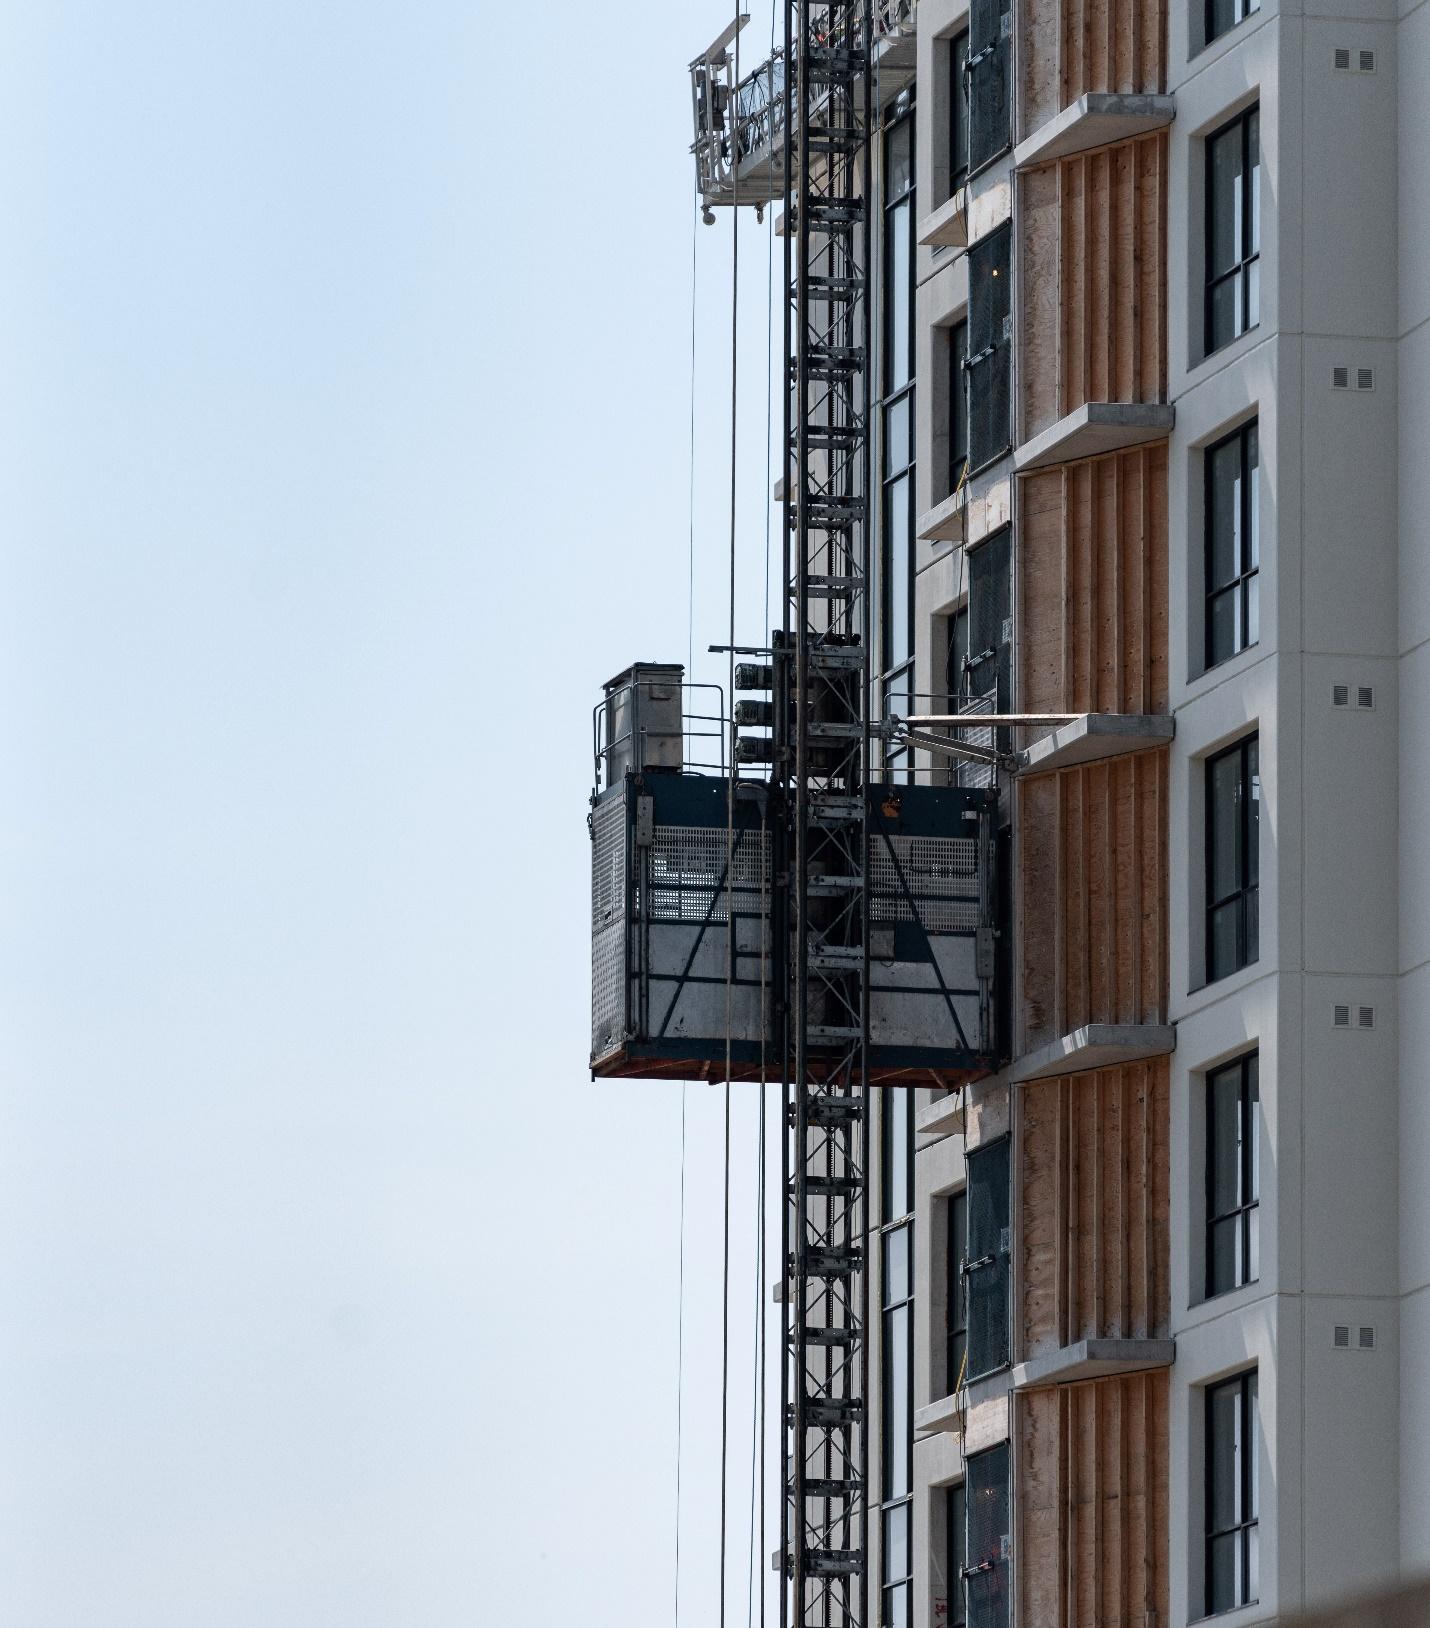 آهن کشی آسانسور در سازههای ساختمانی